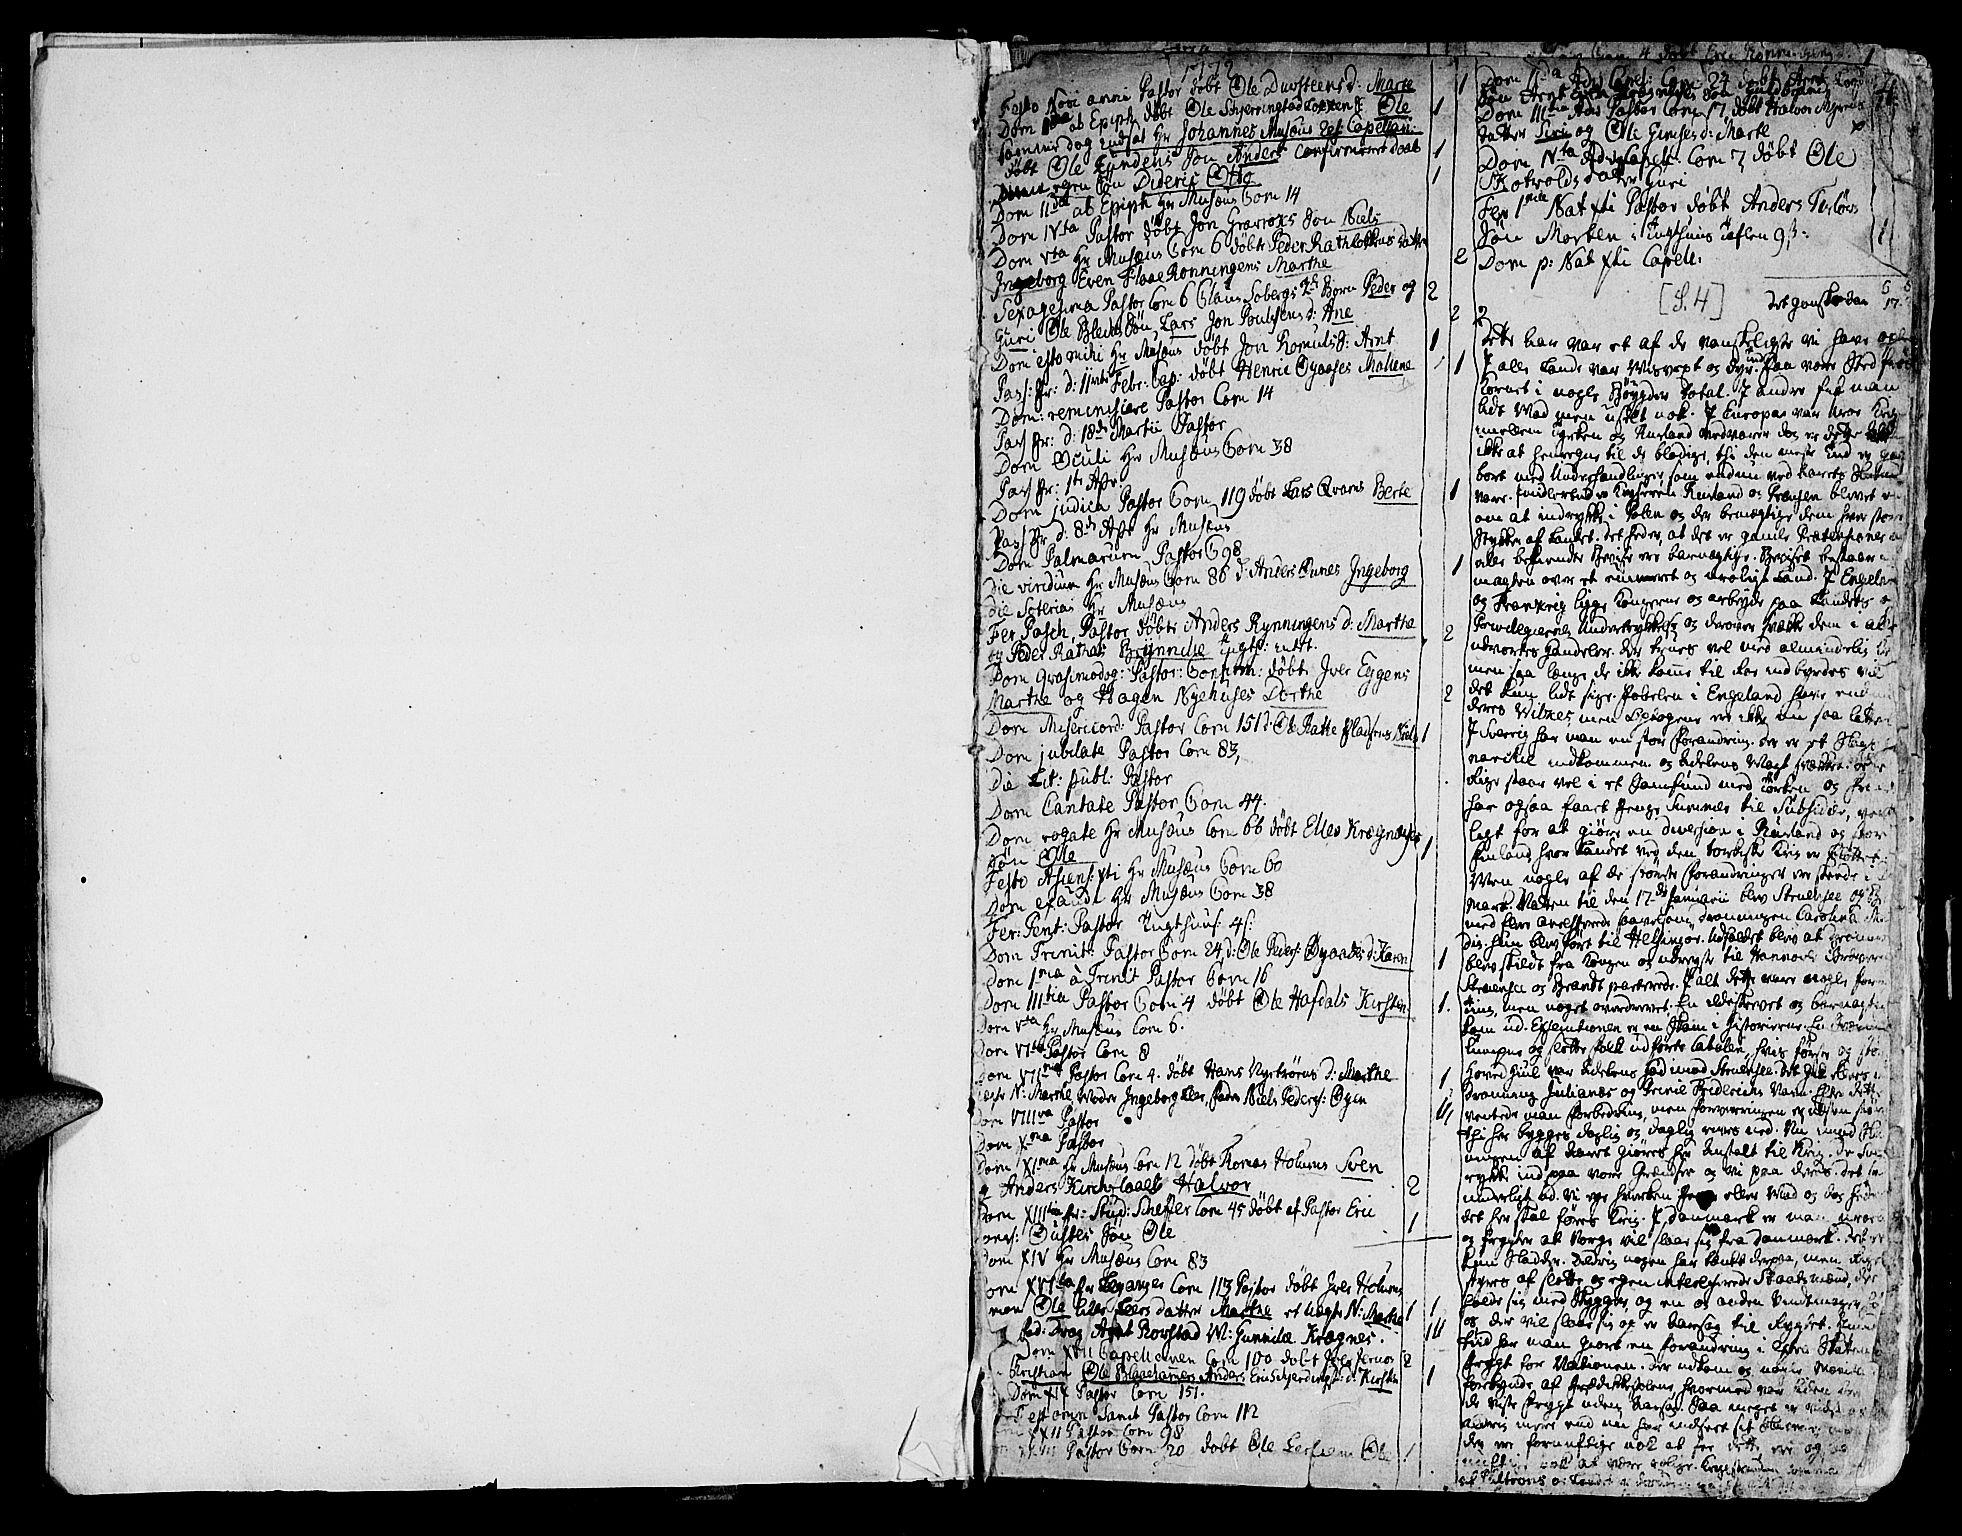 SAT, Ministerialprotokoller, klokkerbøker og fødselsregistre - Sør-Trøndelag, 691/L1061: Ministerialbok nr. 691A02 /1, 1768-1815, s. 4